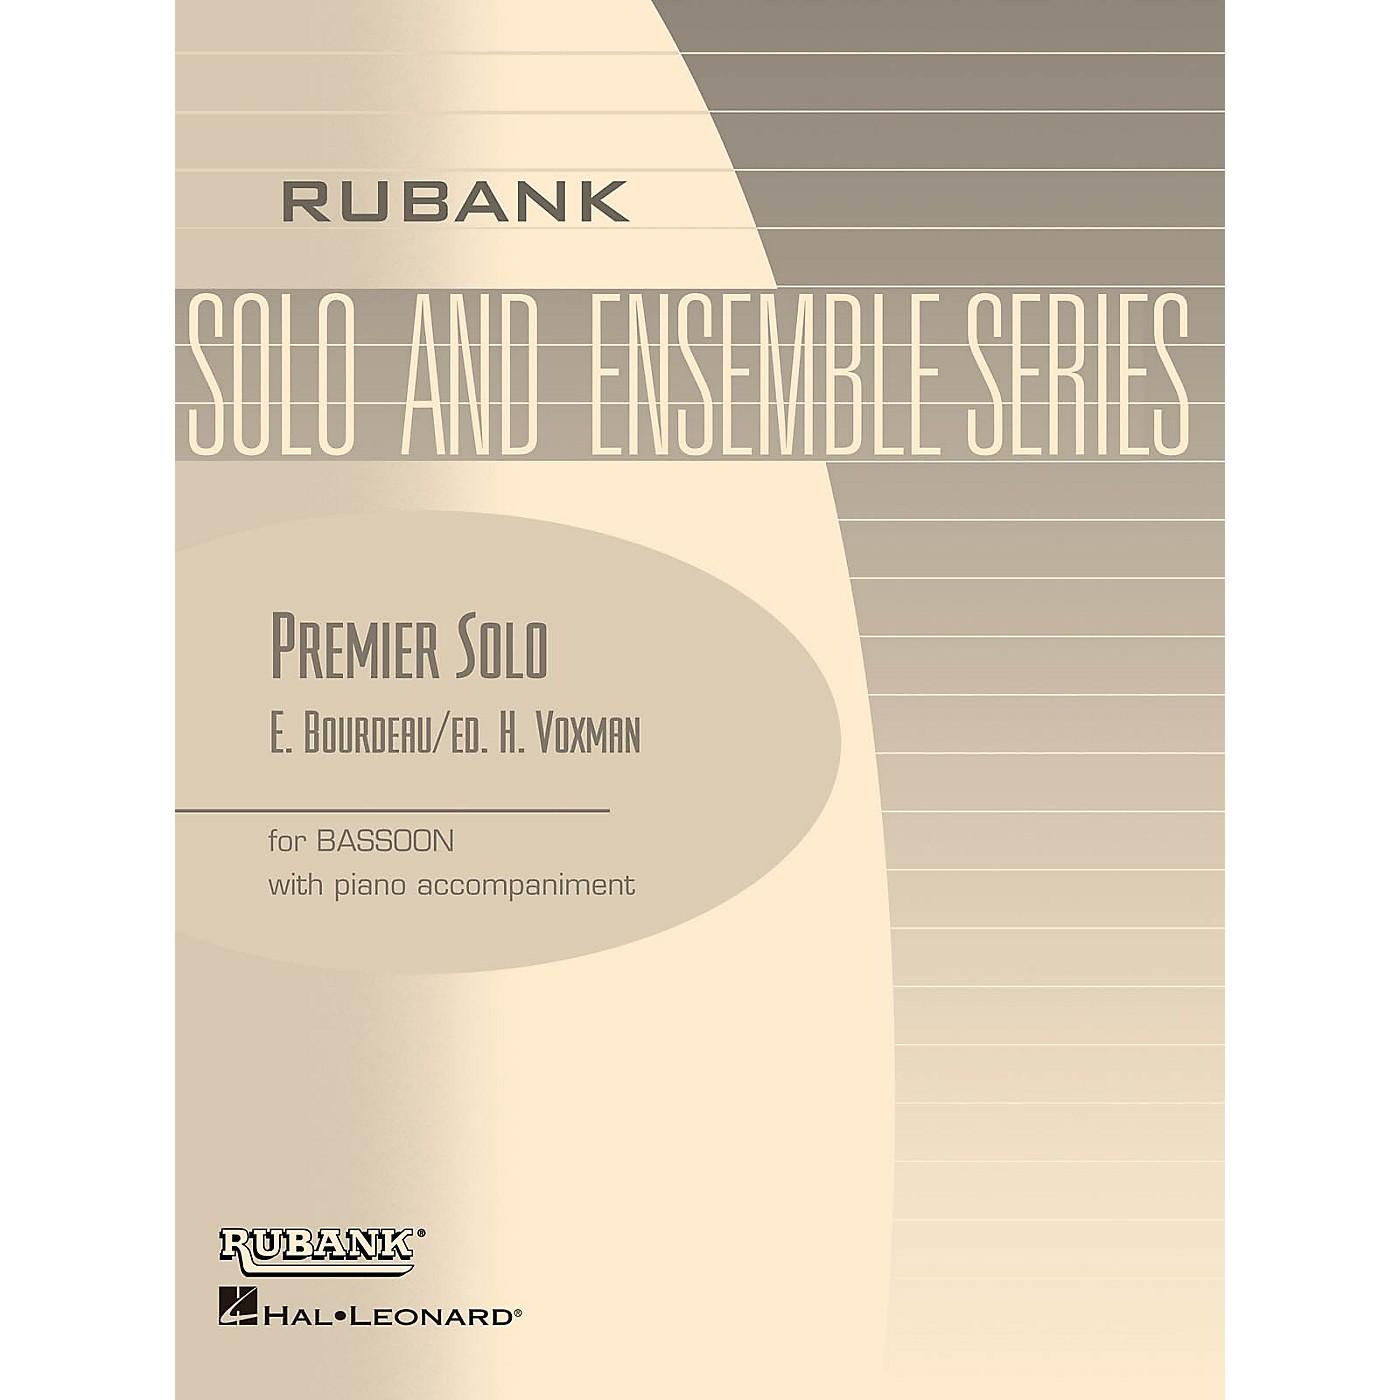 Rubank Publications Premier Solo (Bassoon Solo with Piano - Grade 5) Rubank Solo/Ensemble Sheet Series Book thumbnail